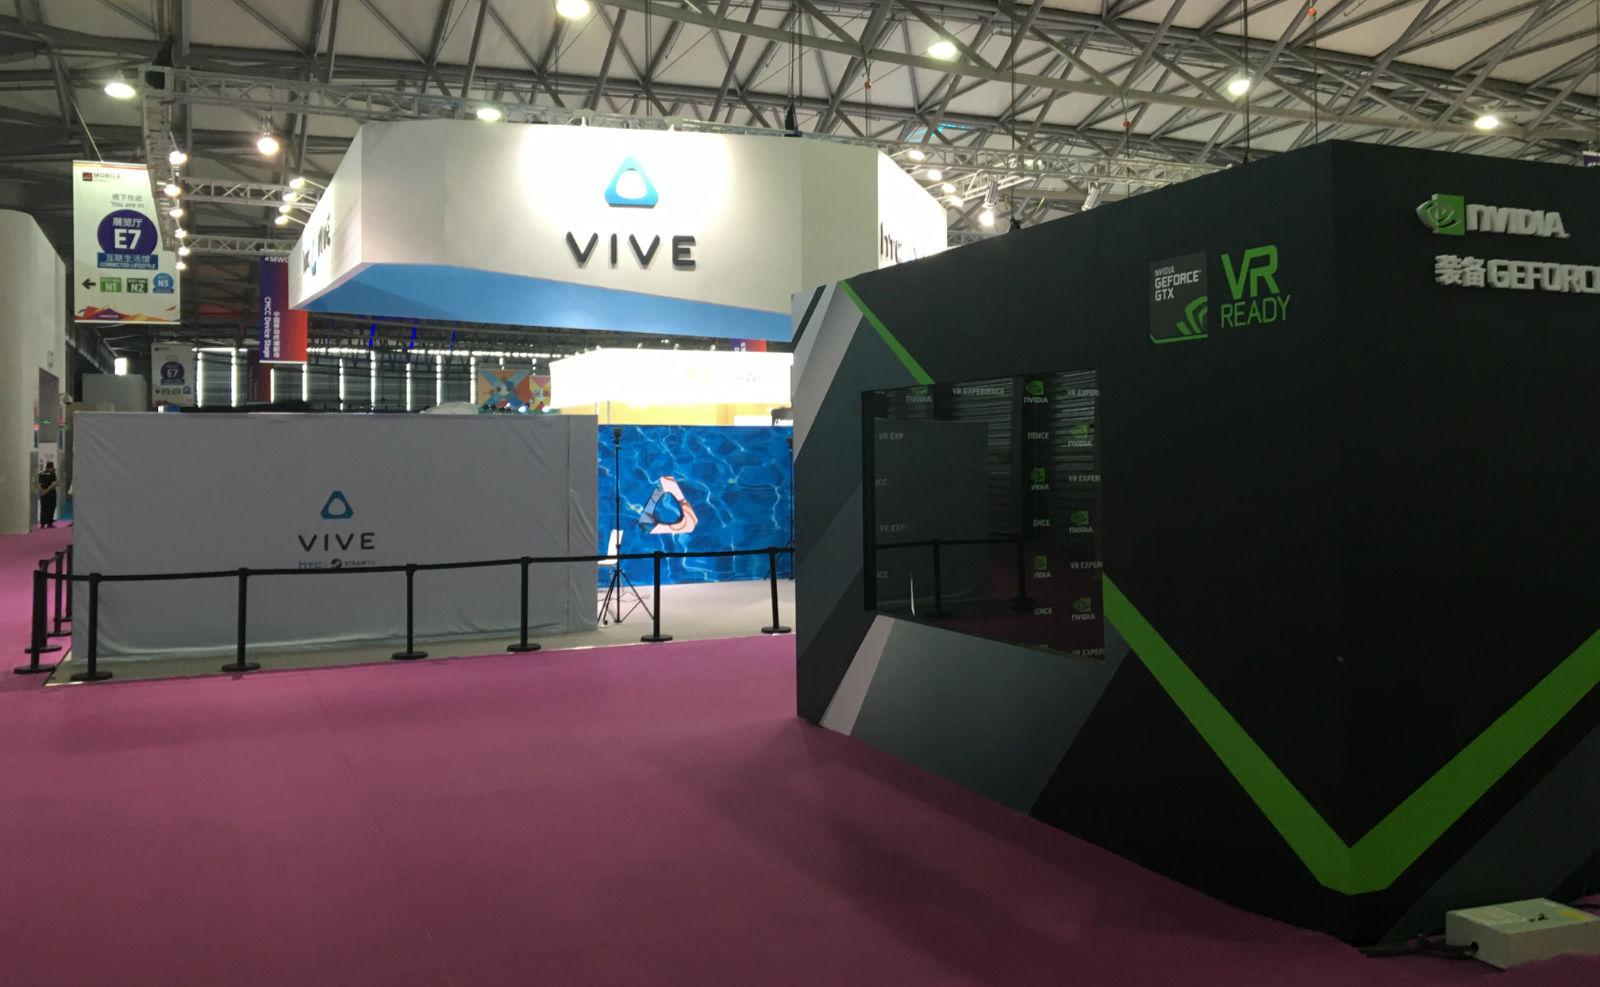 在上海世界移动大会上,我们竟然看不到移动 VR